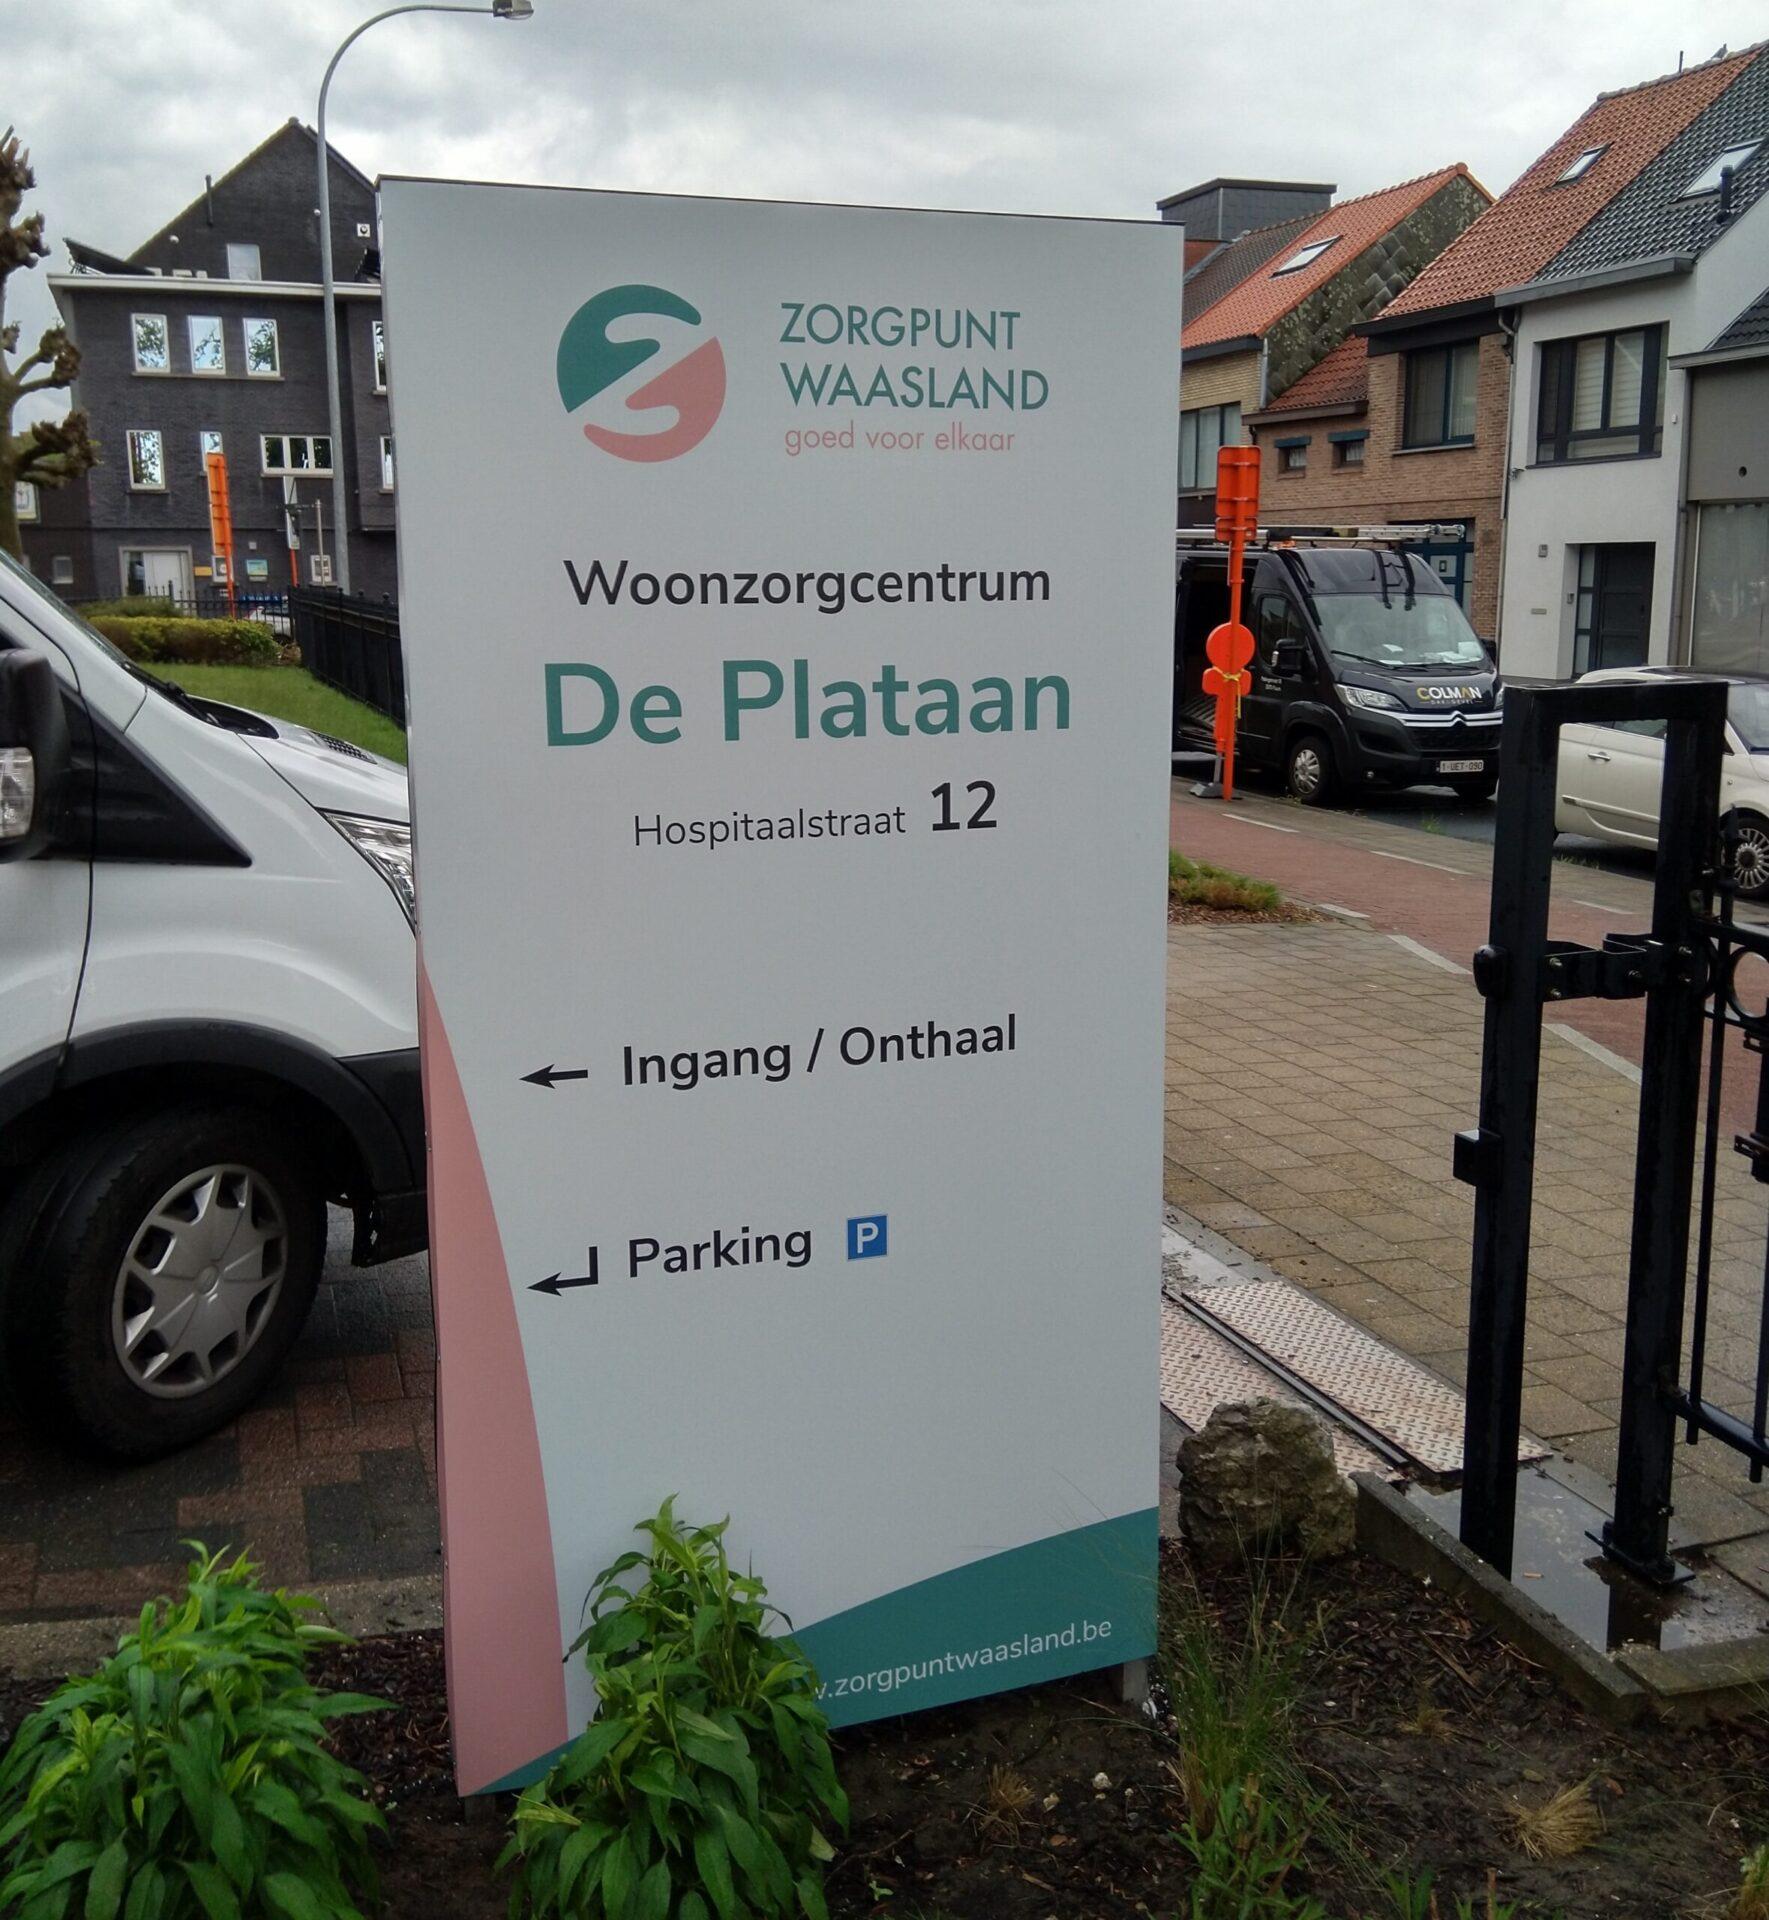 Buitenreclame Zorgpunt Waasland door Drukkerij M. Janssens